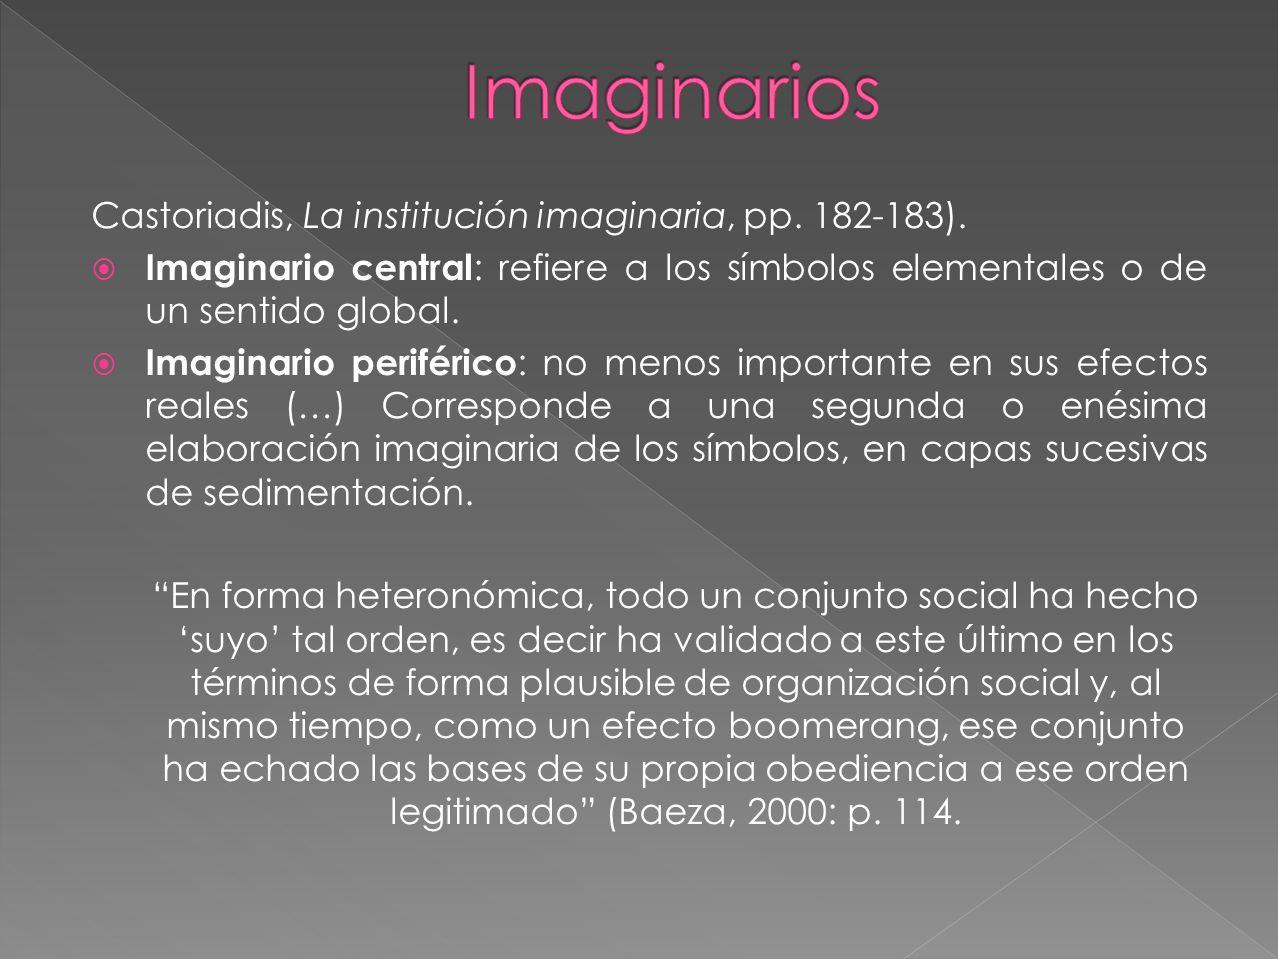 En la ciudad hay figuras de referencia con las cuales diversas realidades concretas se confrontan, así están (Lacarrieu, 2007): a) los imaginarios residuales que opuestos al imaginario dominante pueden detonar un imaginario colectivo, y b) la imagen urbana, que organizada a través de la gestión y estrategia política de la ciudad, ordena paisajes: arreglos espaciales que se iluminan en detrimento de que otros se oscurecen.